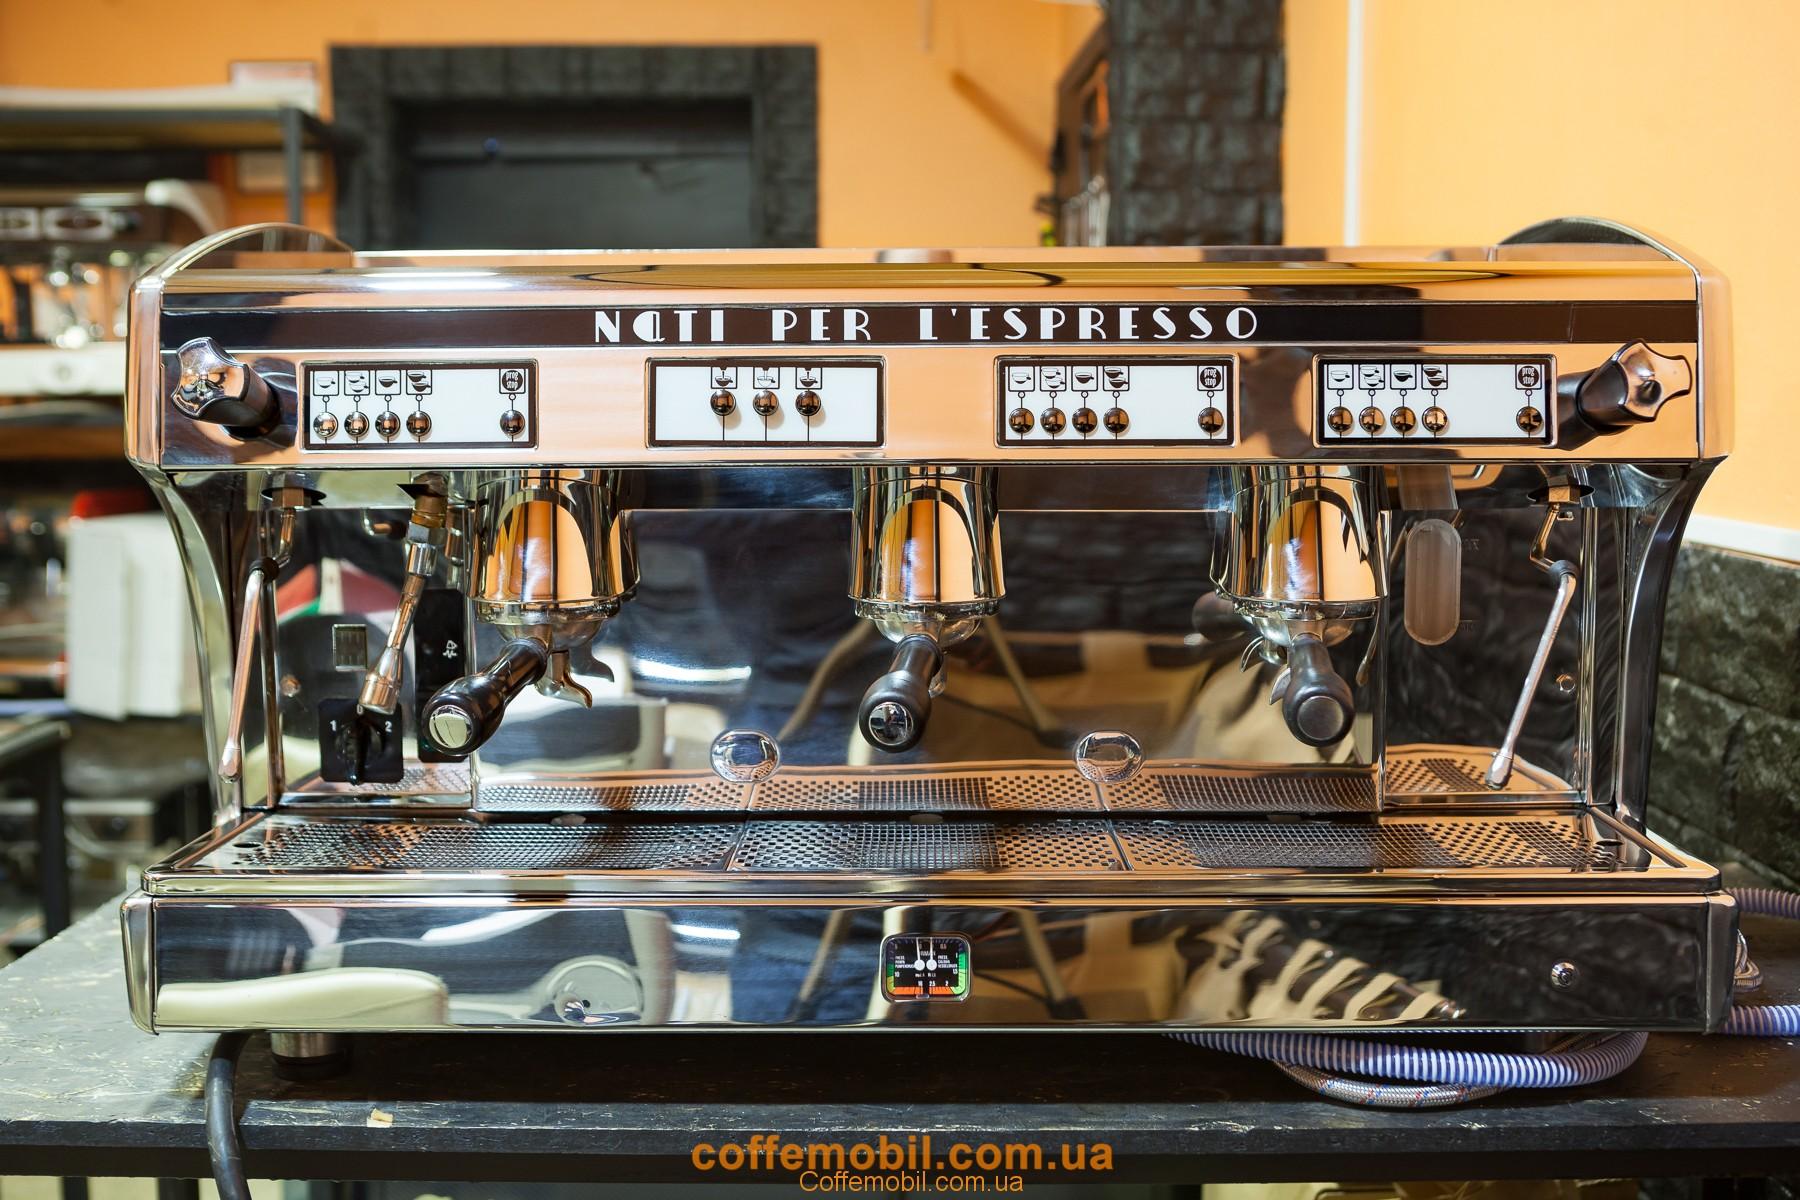 Профеійна кавоварка Асторія Перла